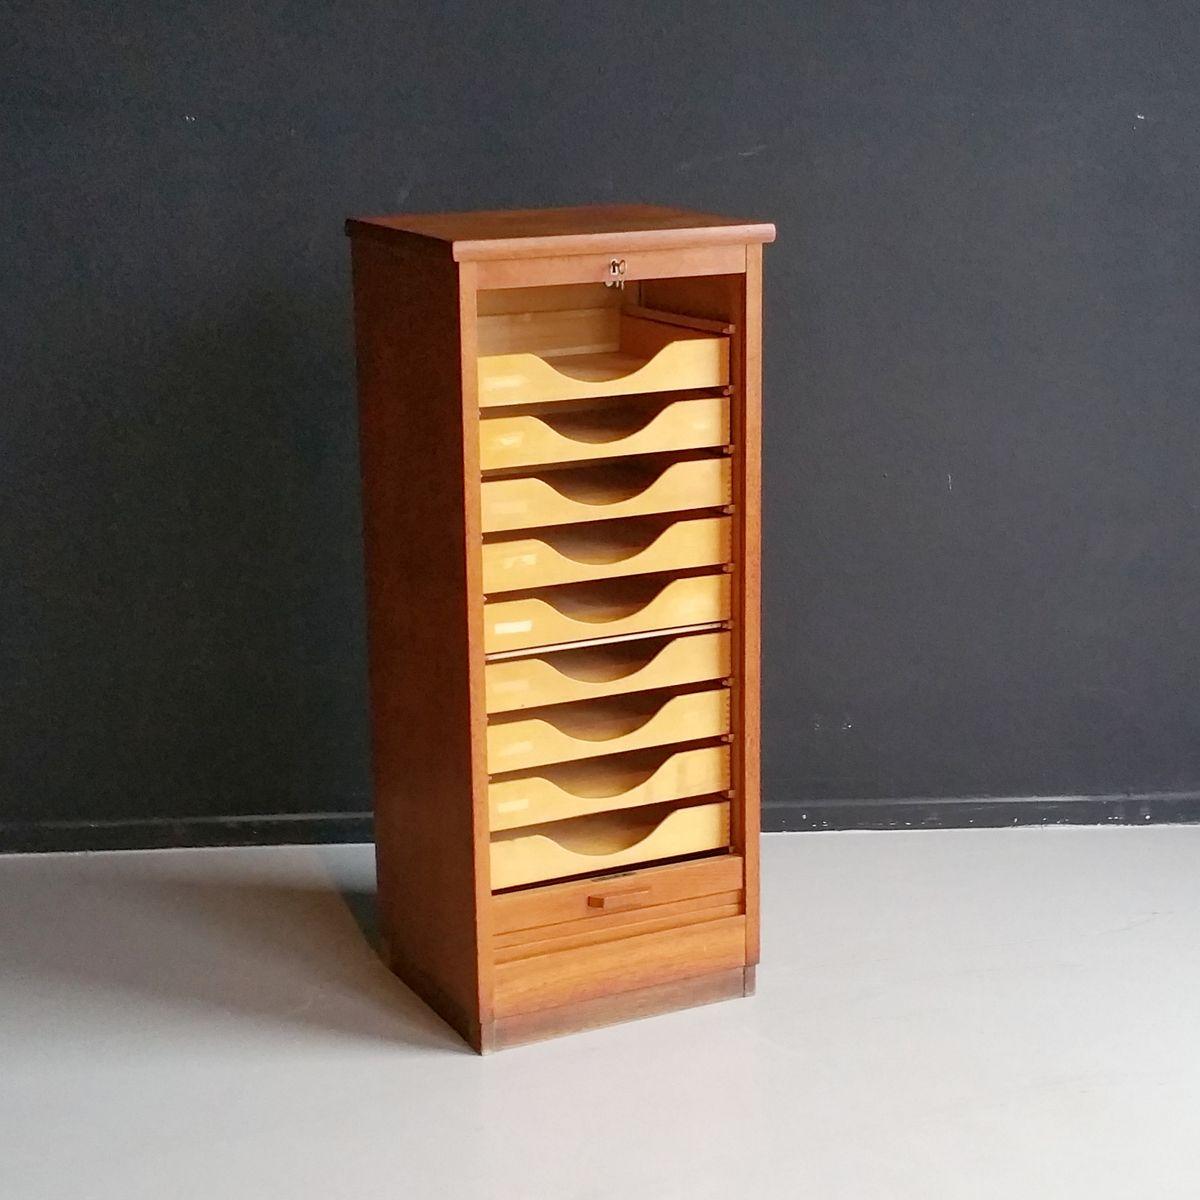 niederl ndischer aktenschrank mit rollt r 1950er bei pamono kaufen. Black Bedroom Furniture Sets. Home Design Ideas